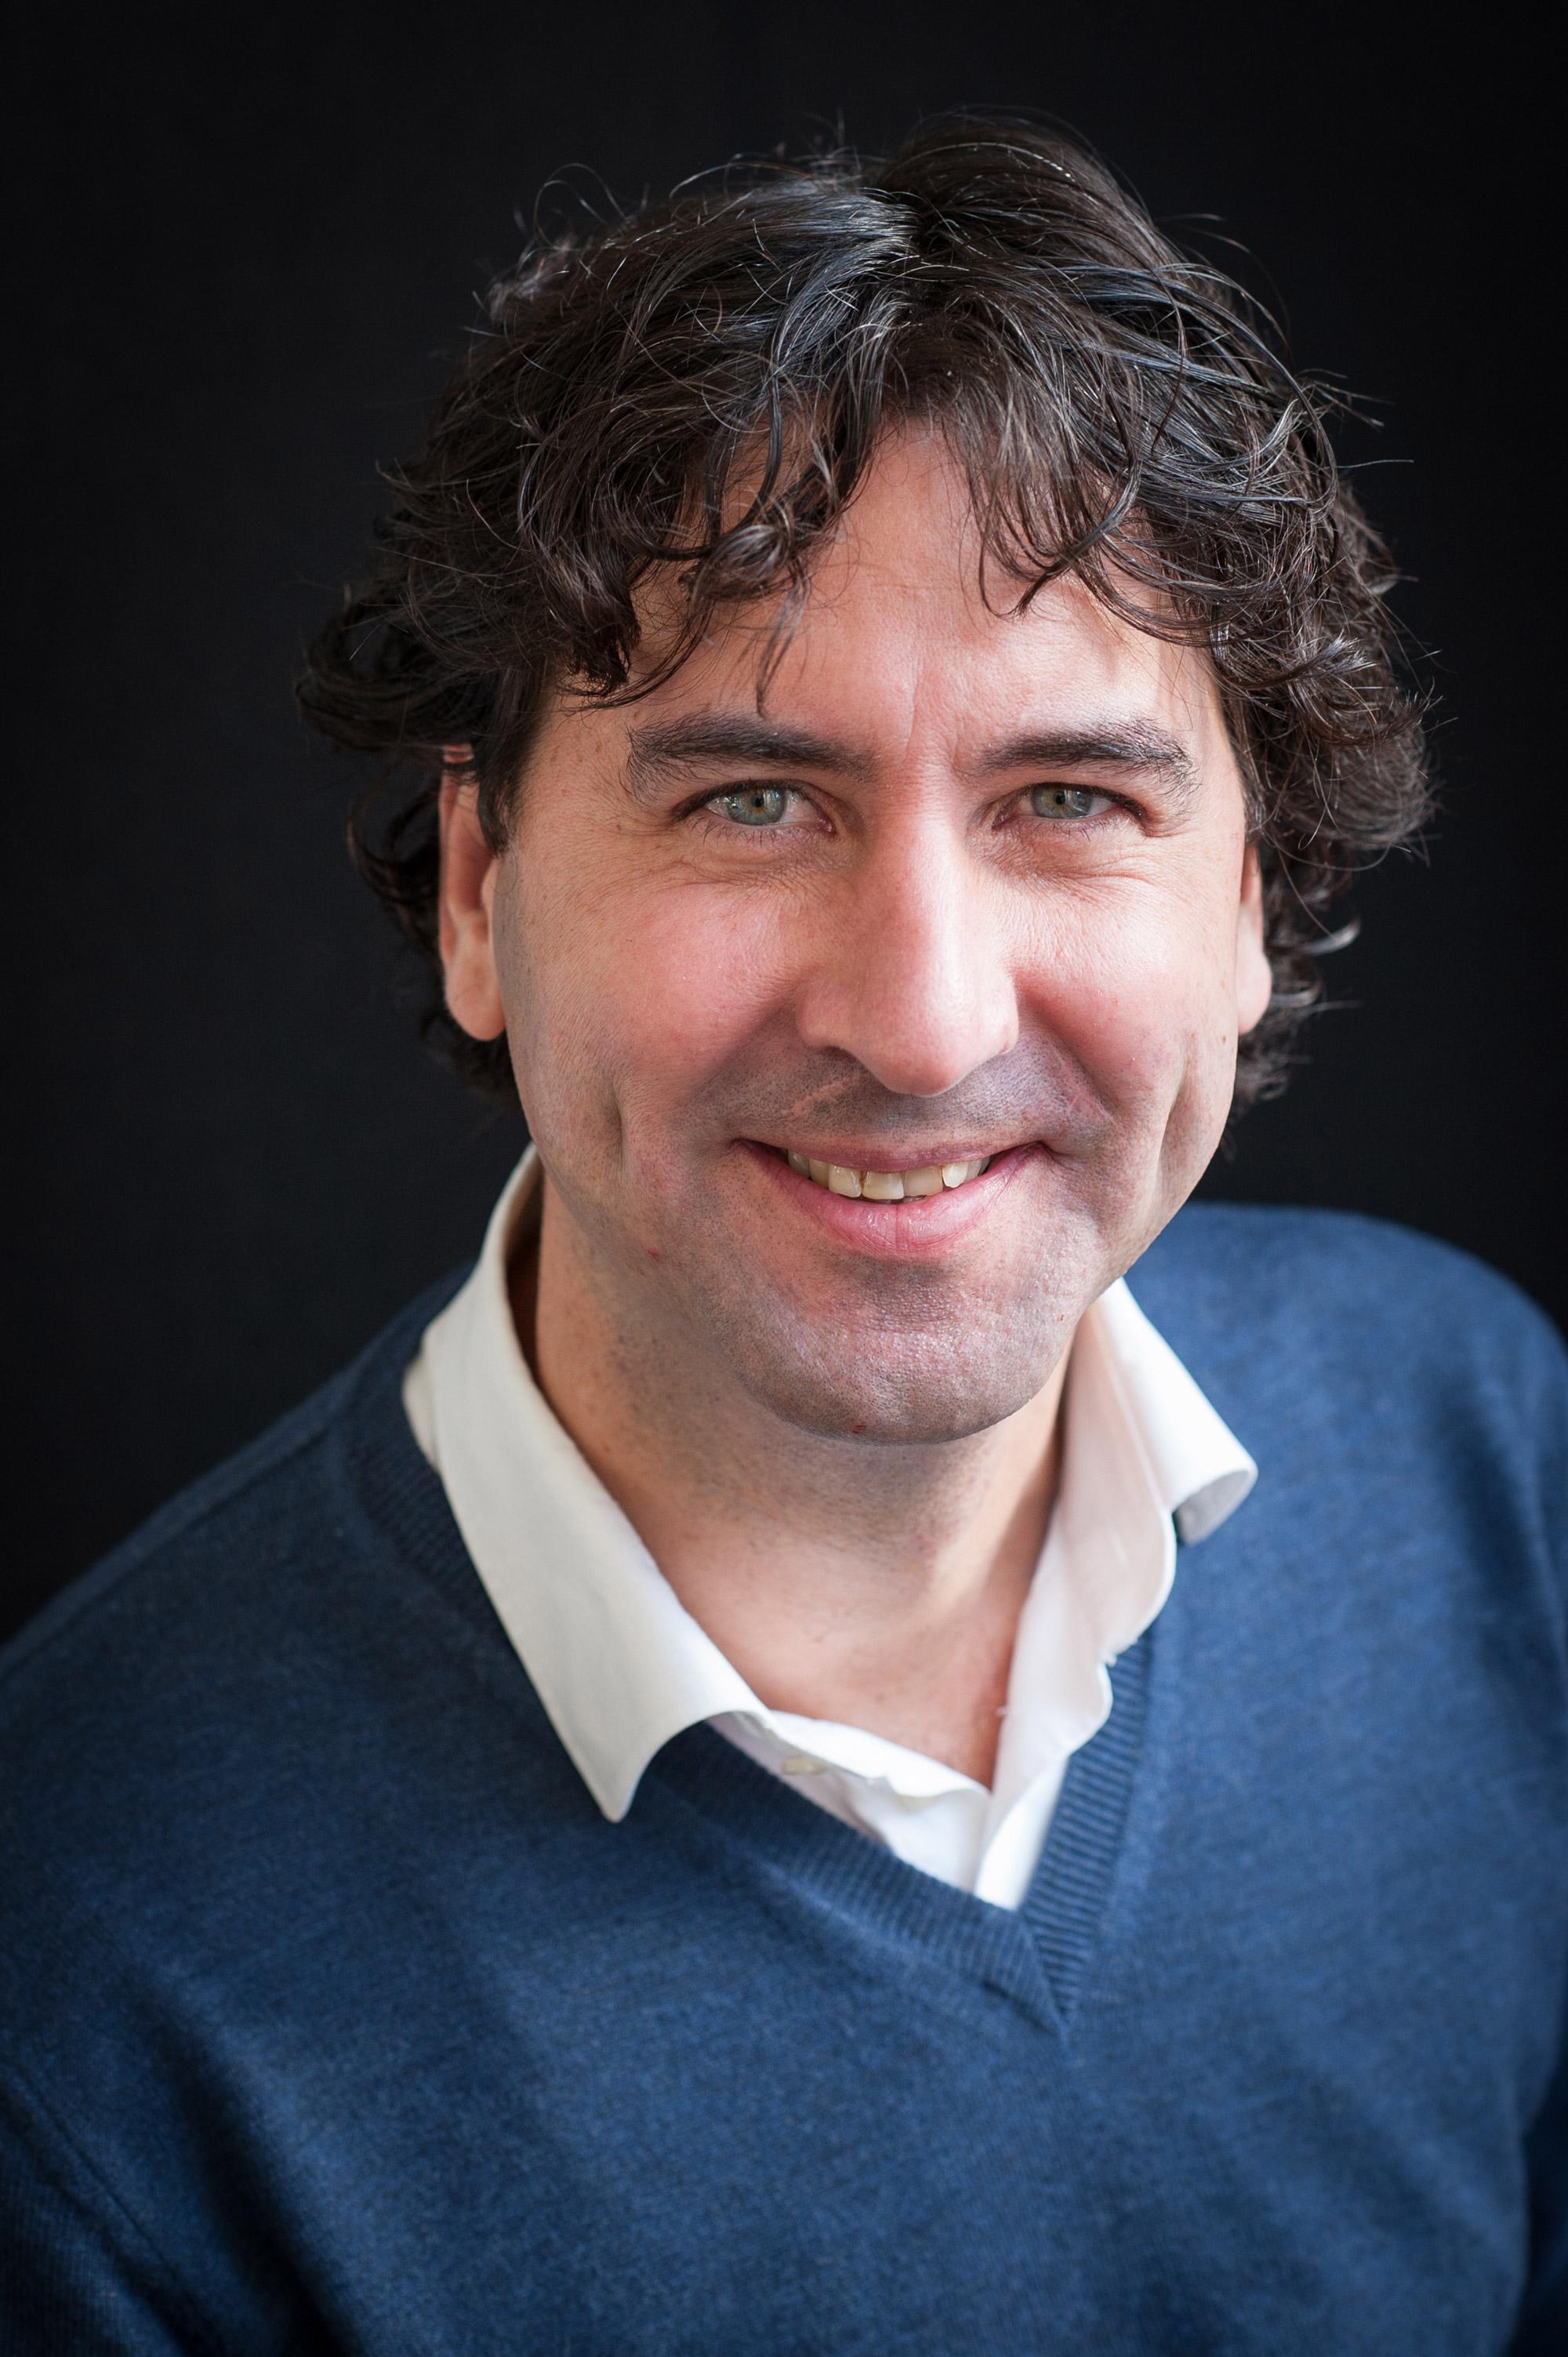 Lucas Duijndam